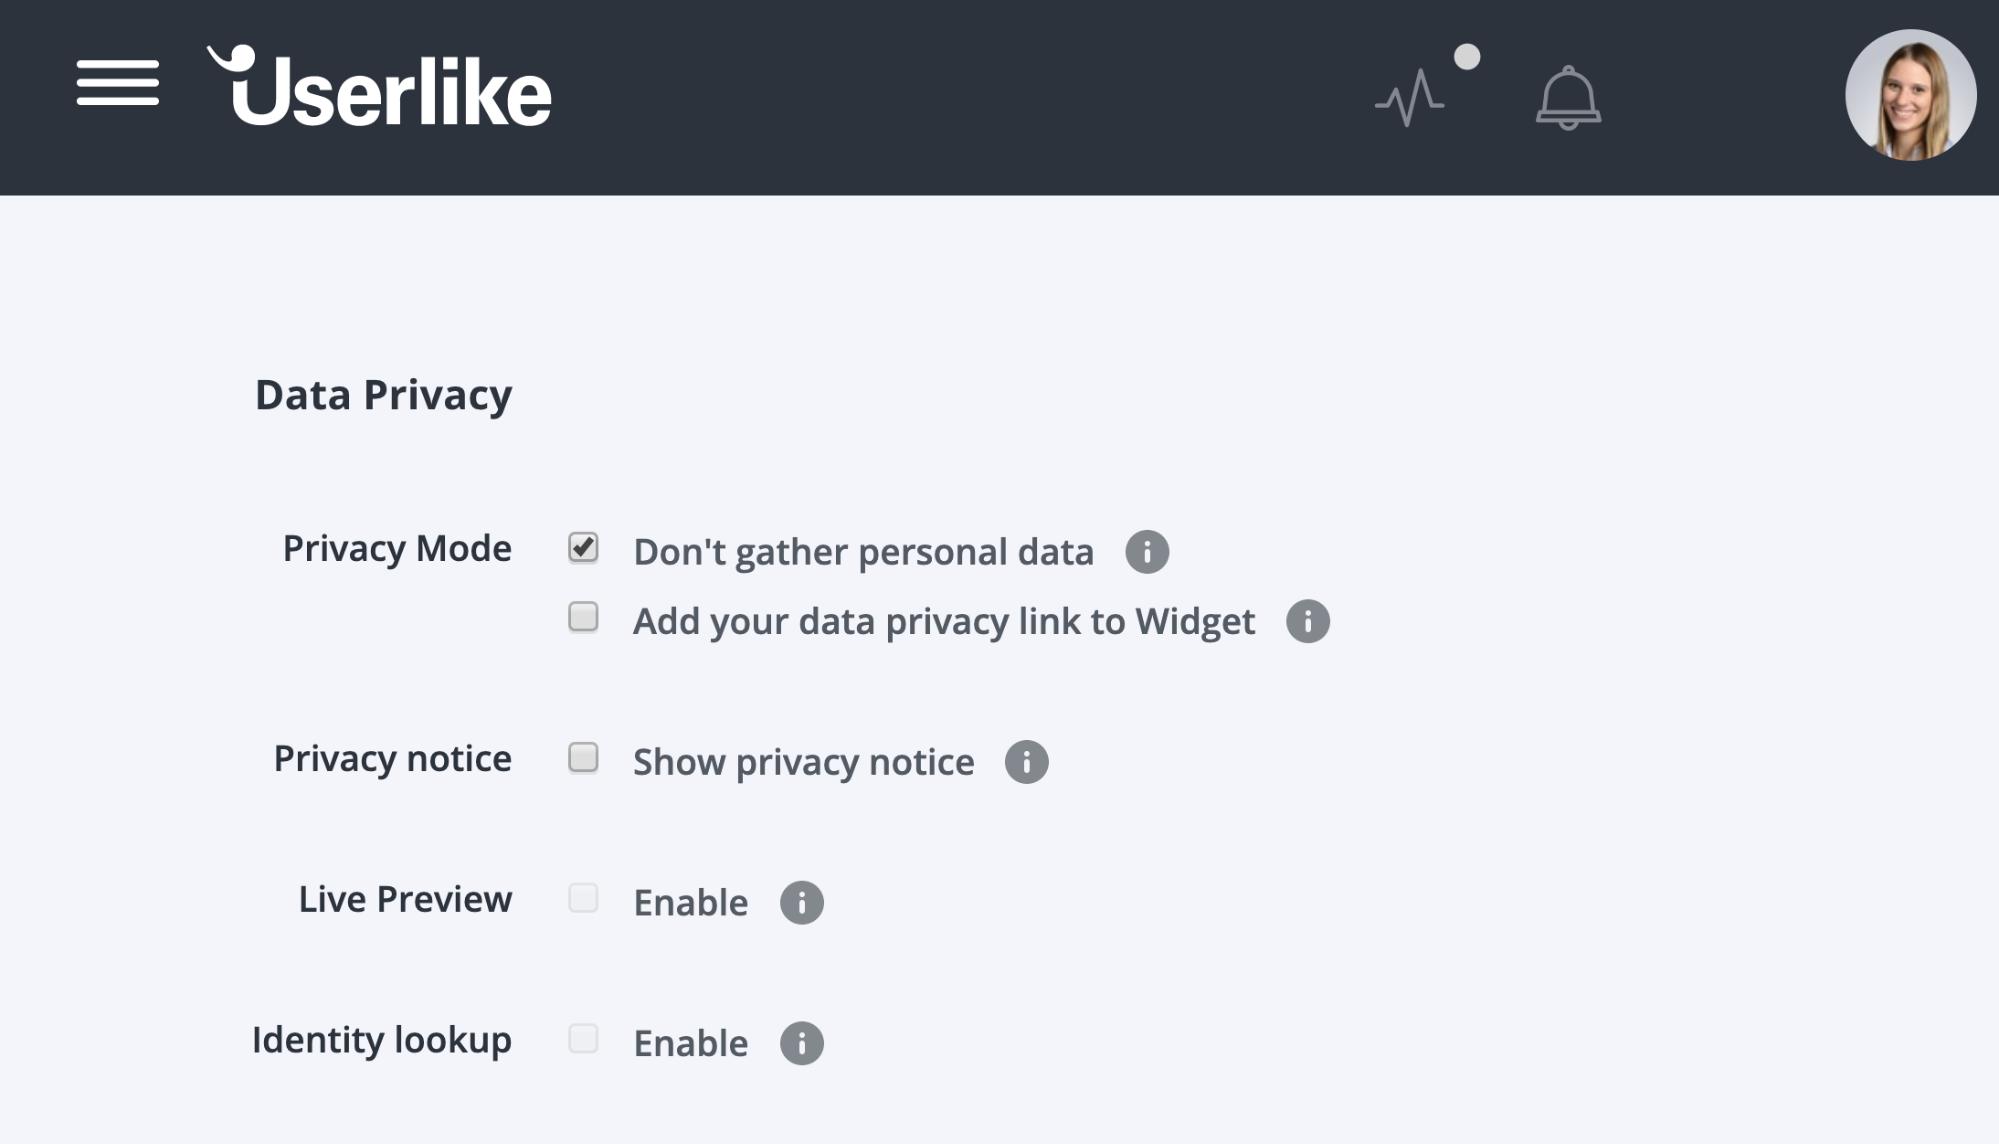 Userlike_Einstellungen